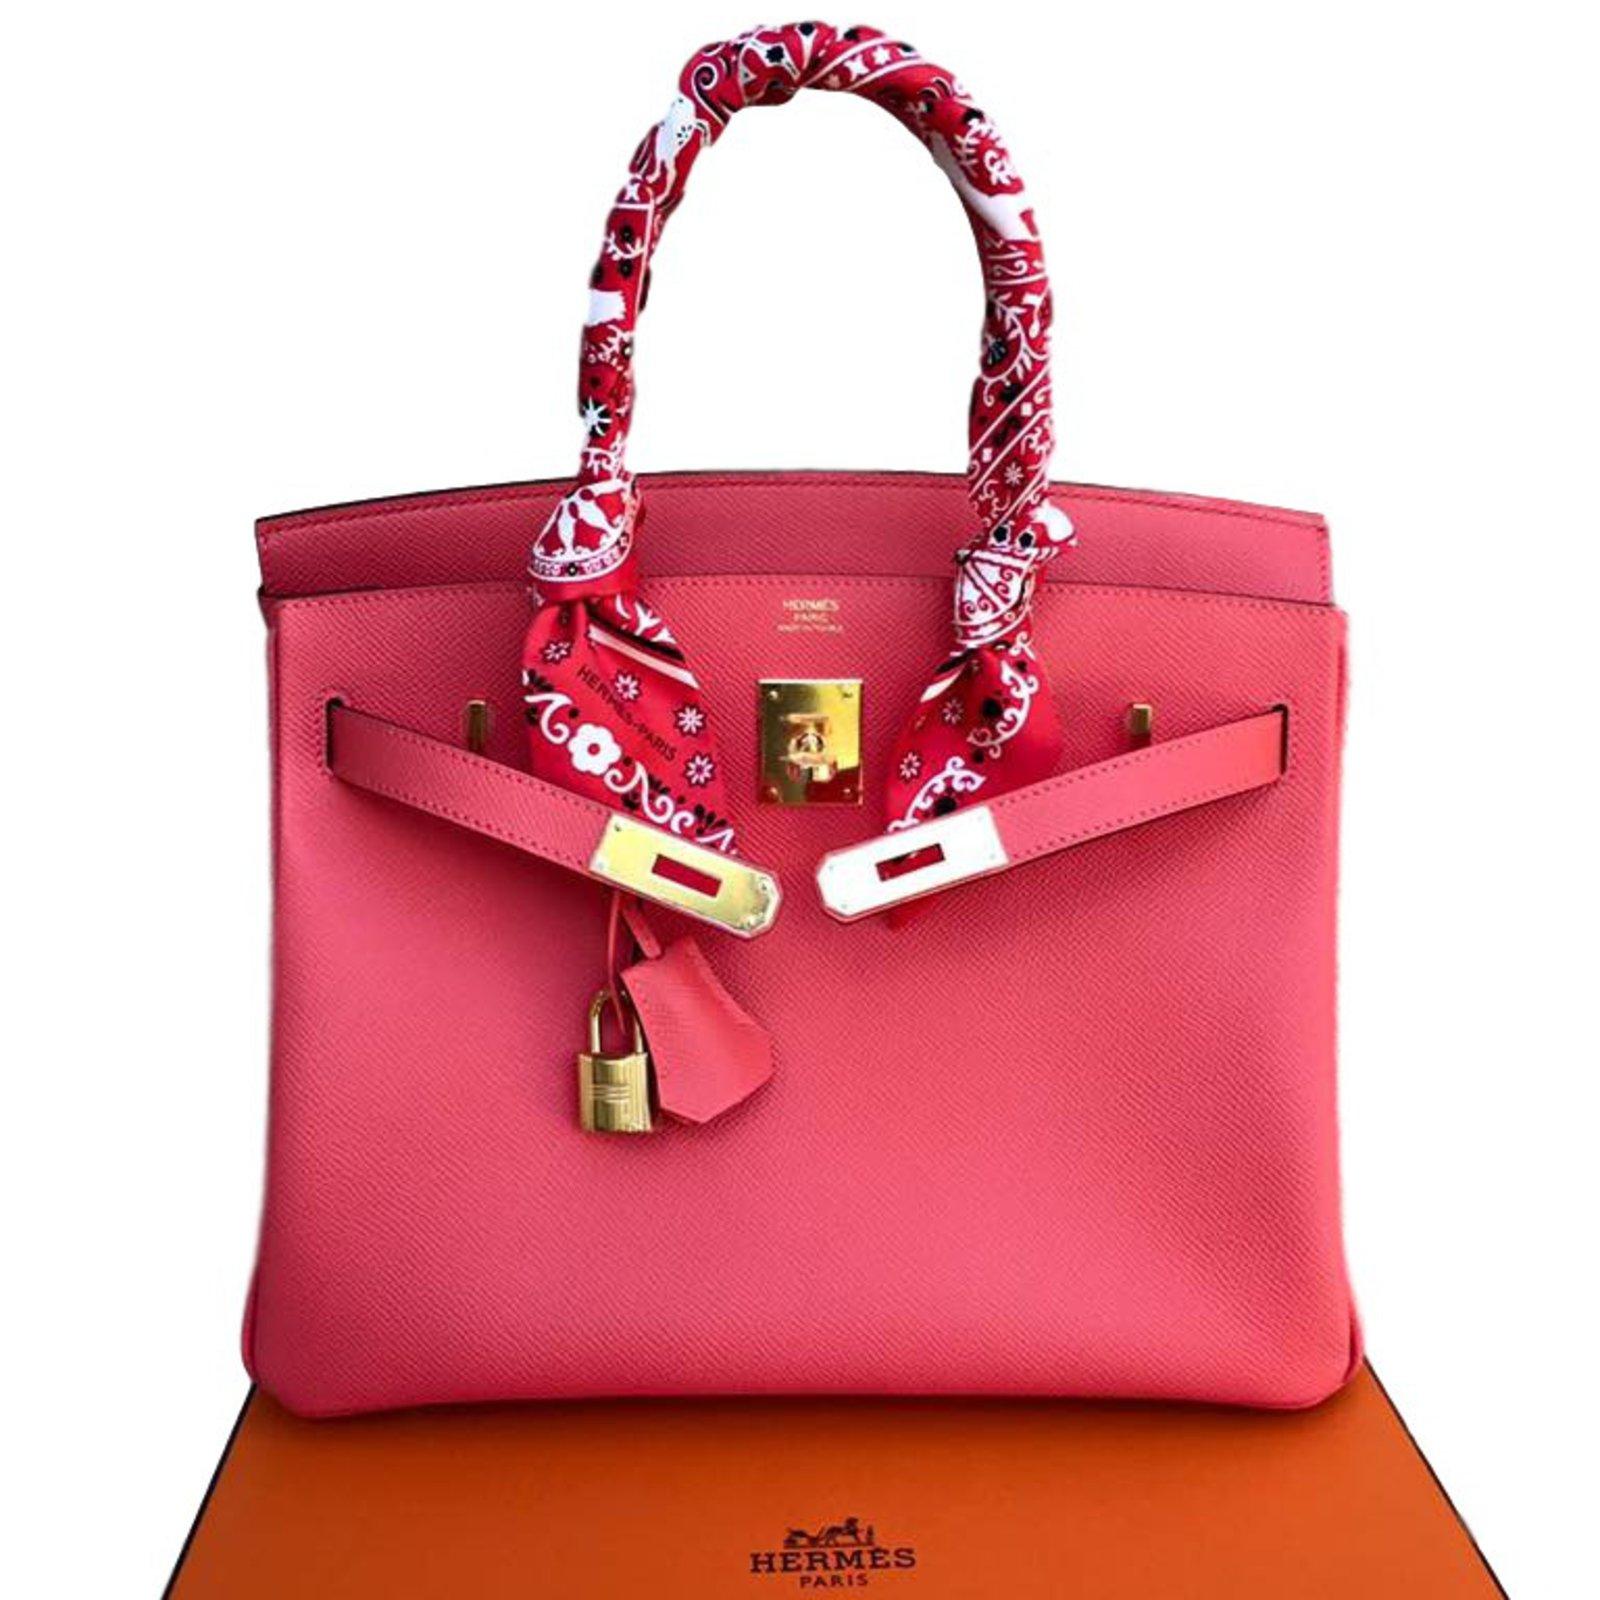 9c1f9568ab1f ... australia hermès birkin 30 handbags leather pink ref.23311 cde14 8d69c